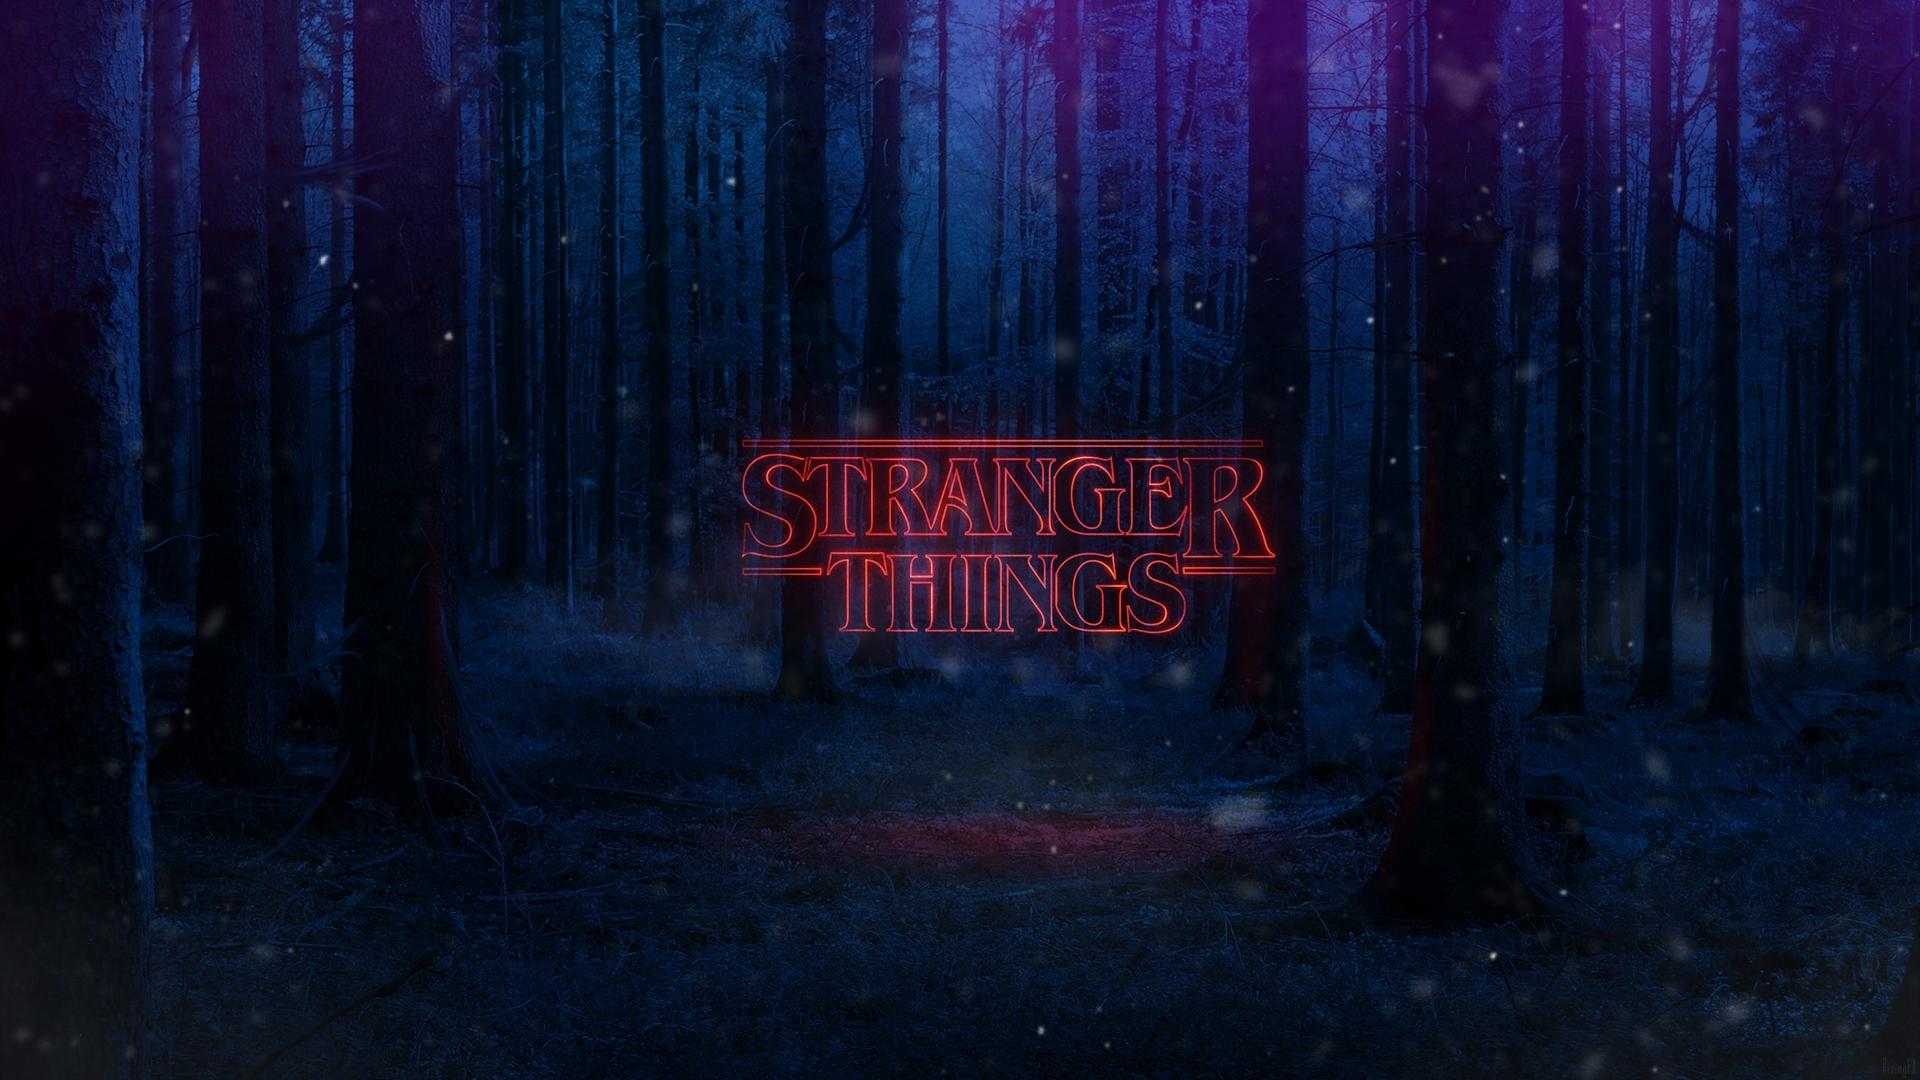 stranger things text poster, full hd wallpaper